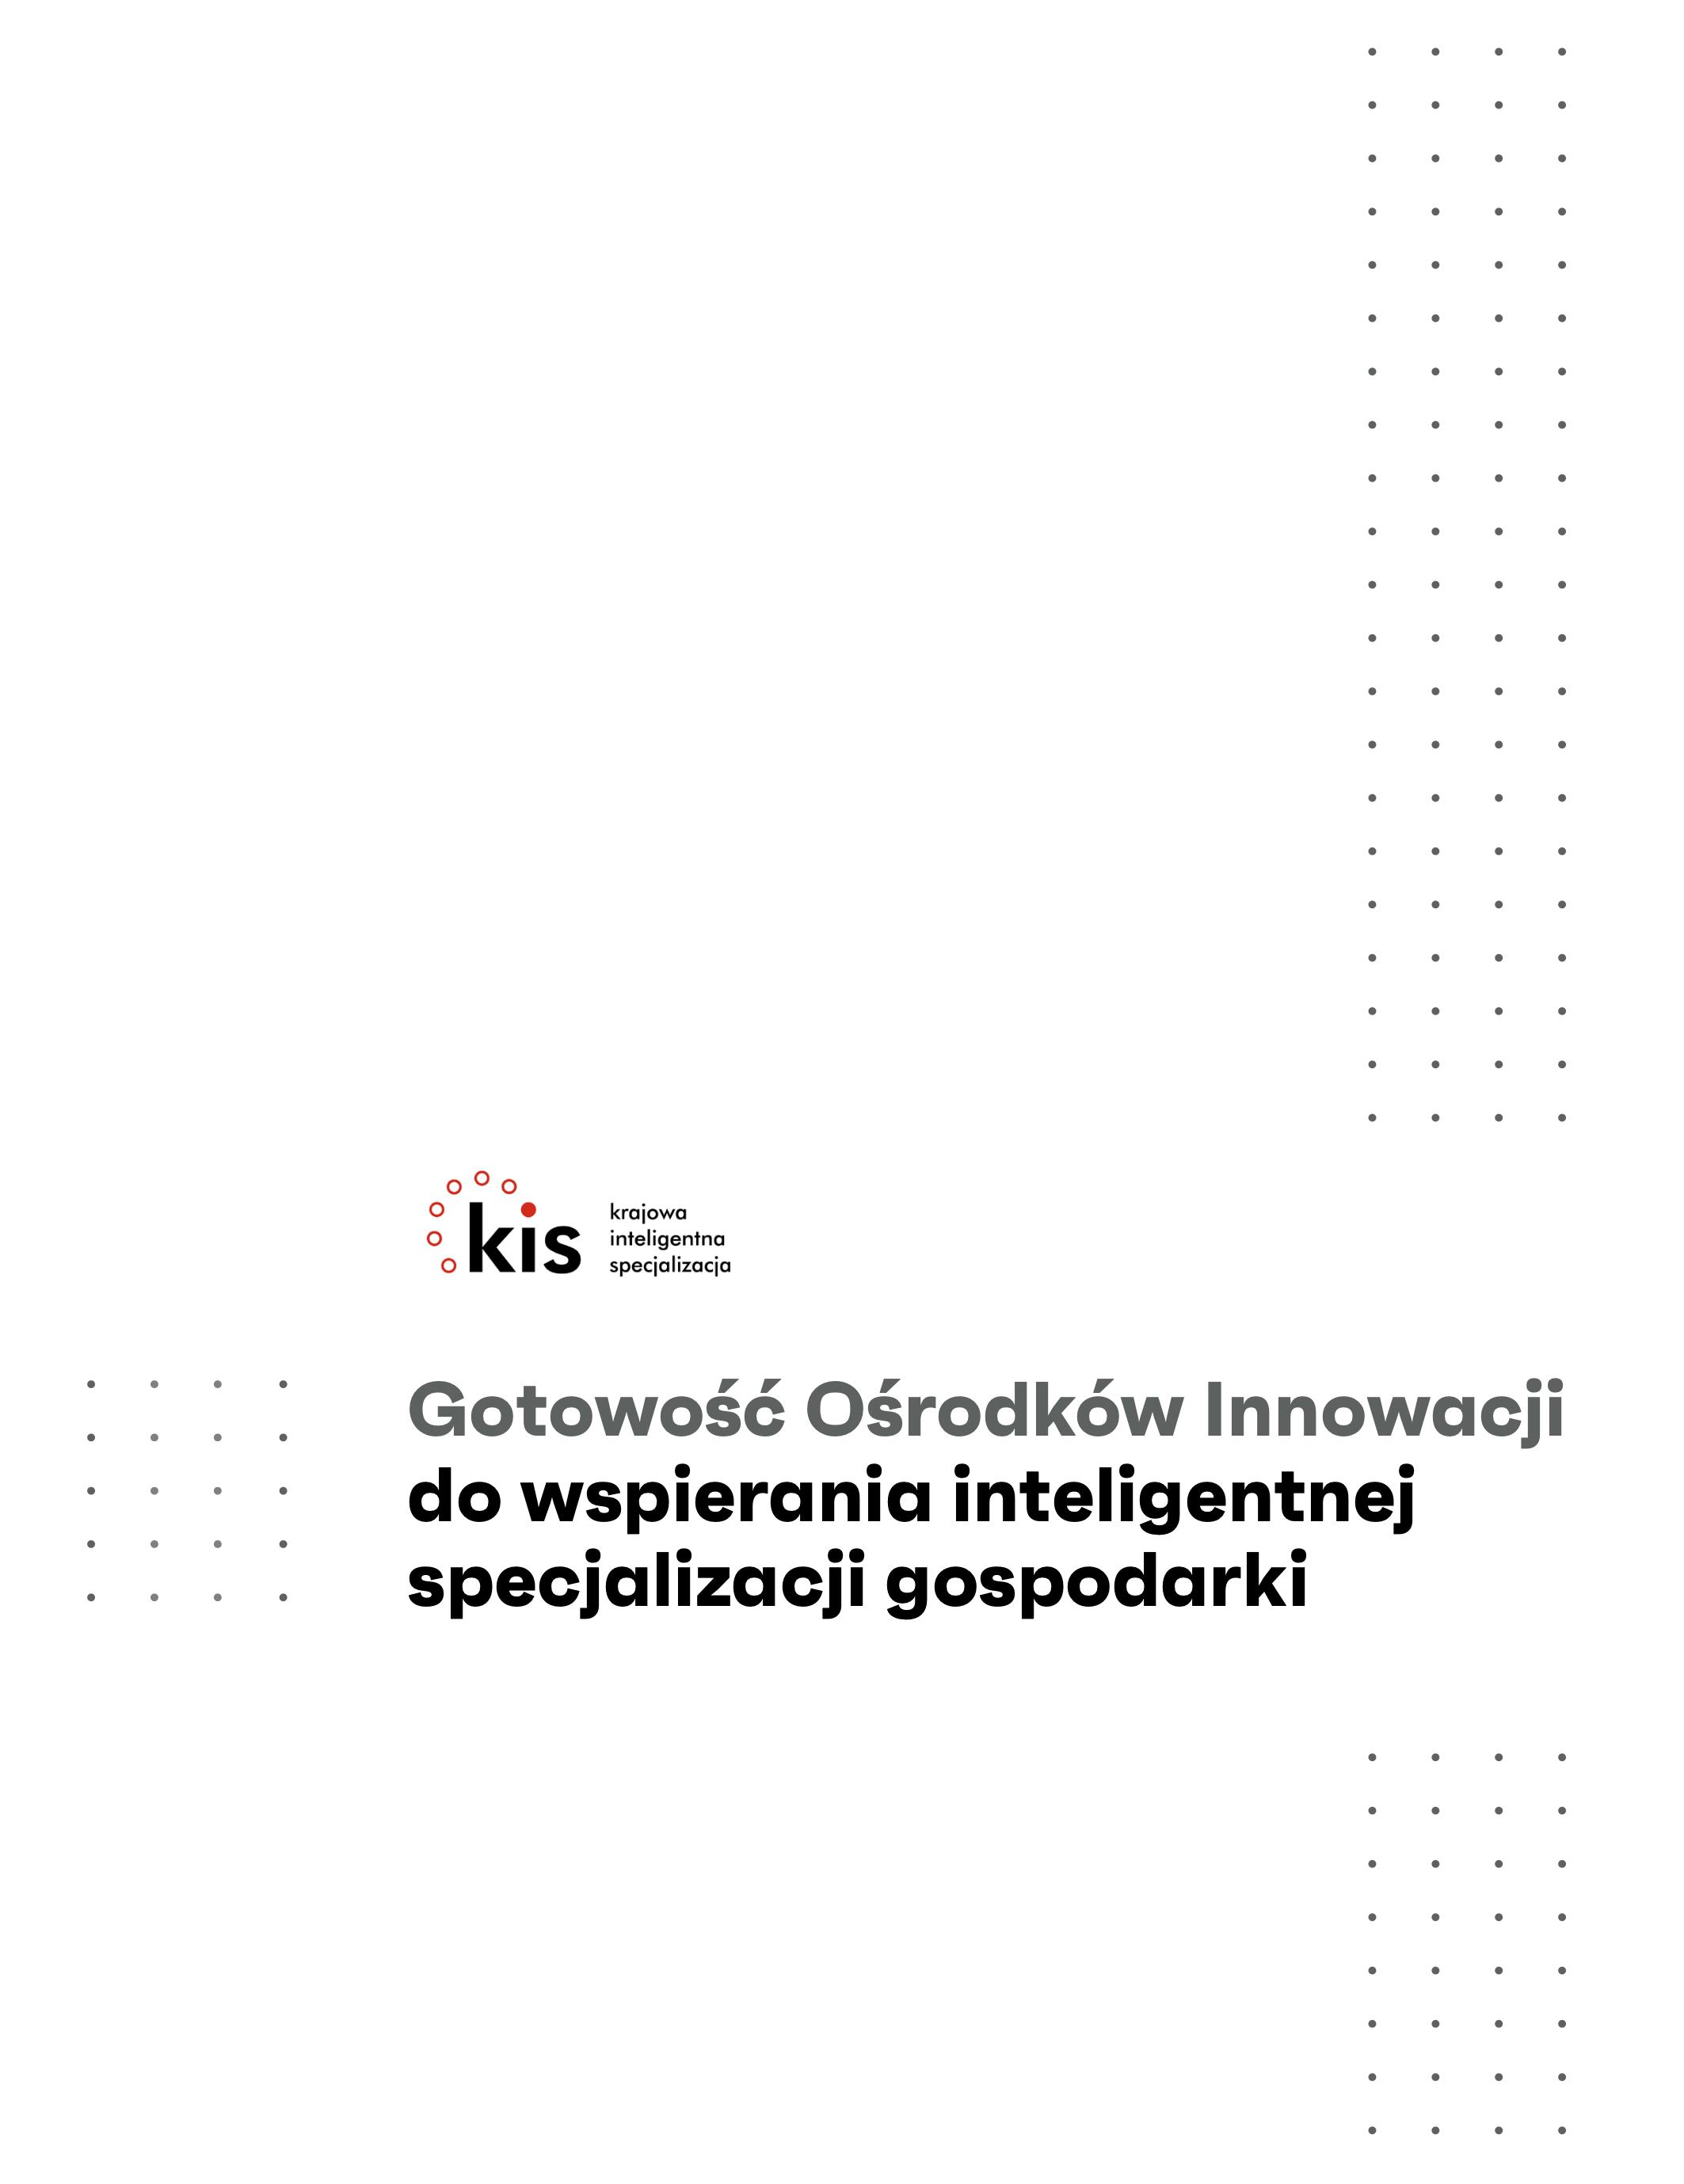 Gotowość Ośrodków Innowacji do wspierania inteligentnej specjalizacji gospodarki